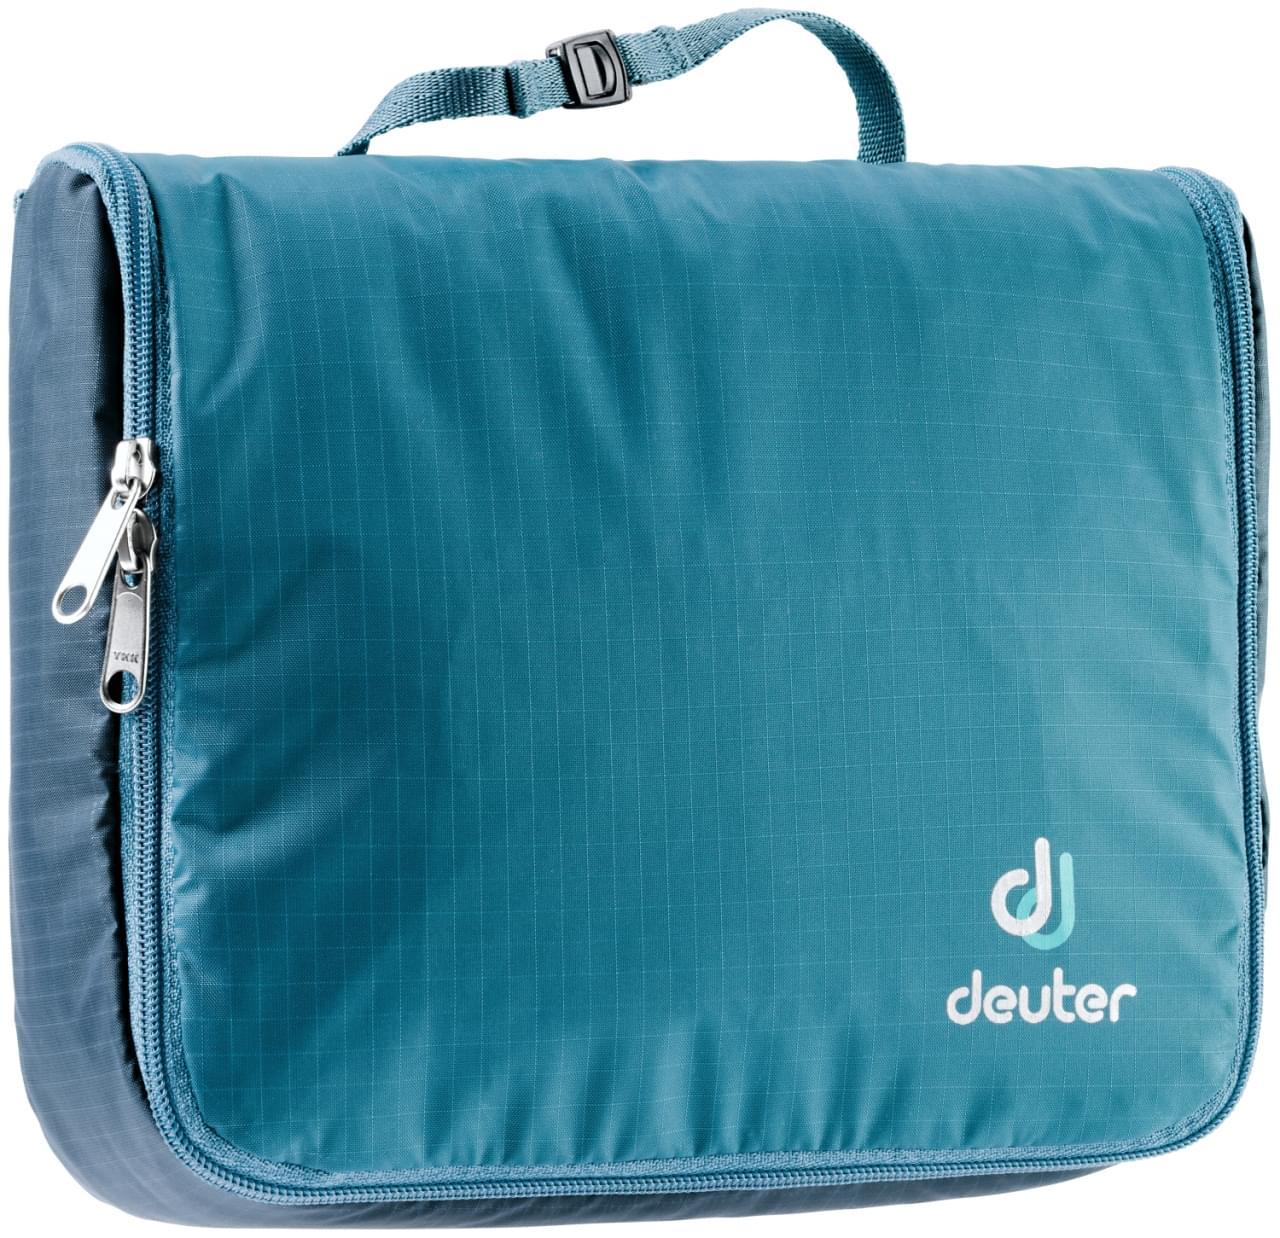 Deuter Wash Center Lite I Toilettas Blauw